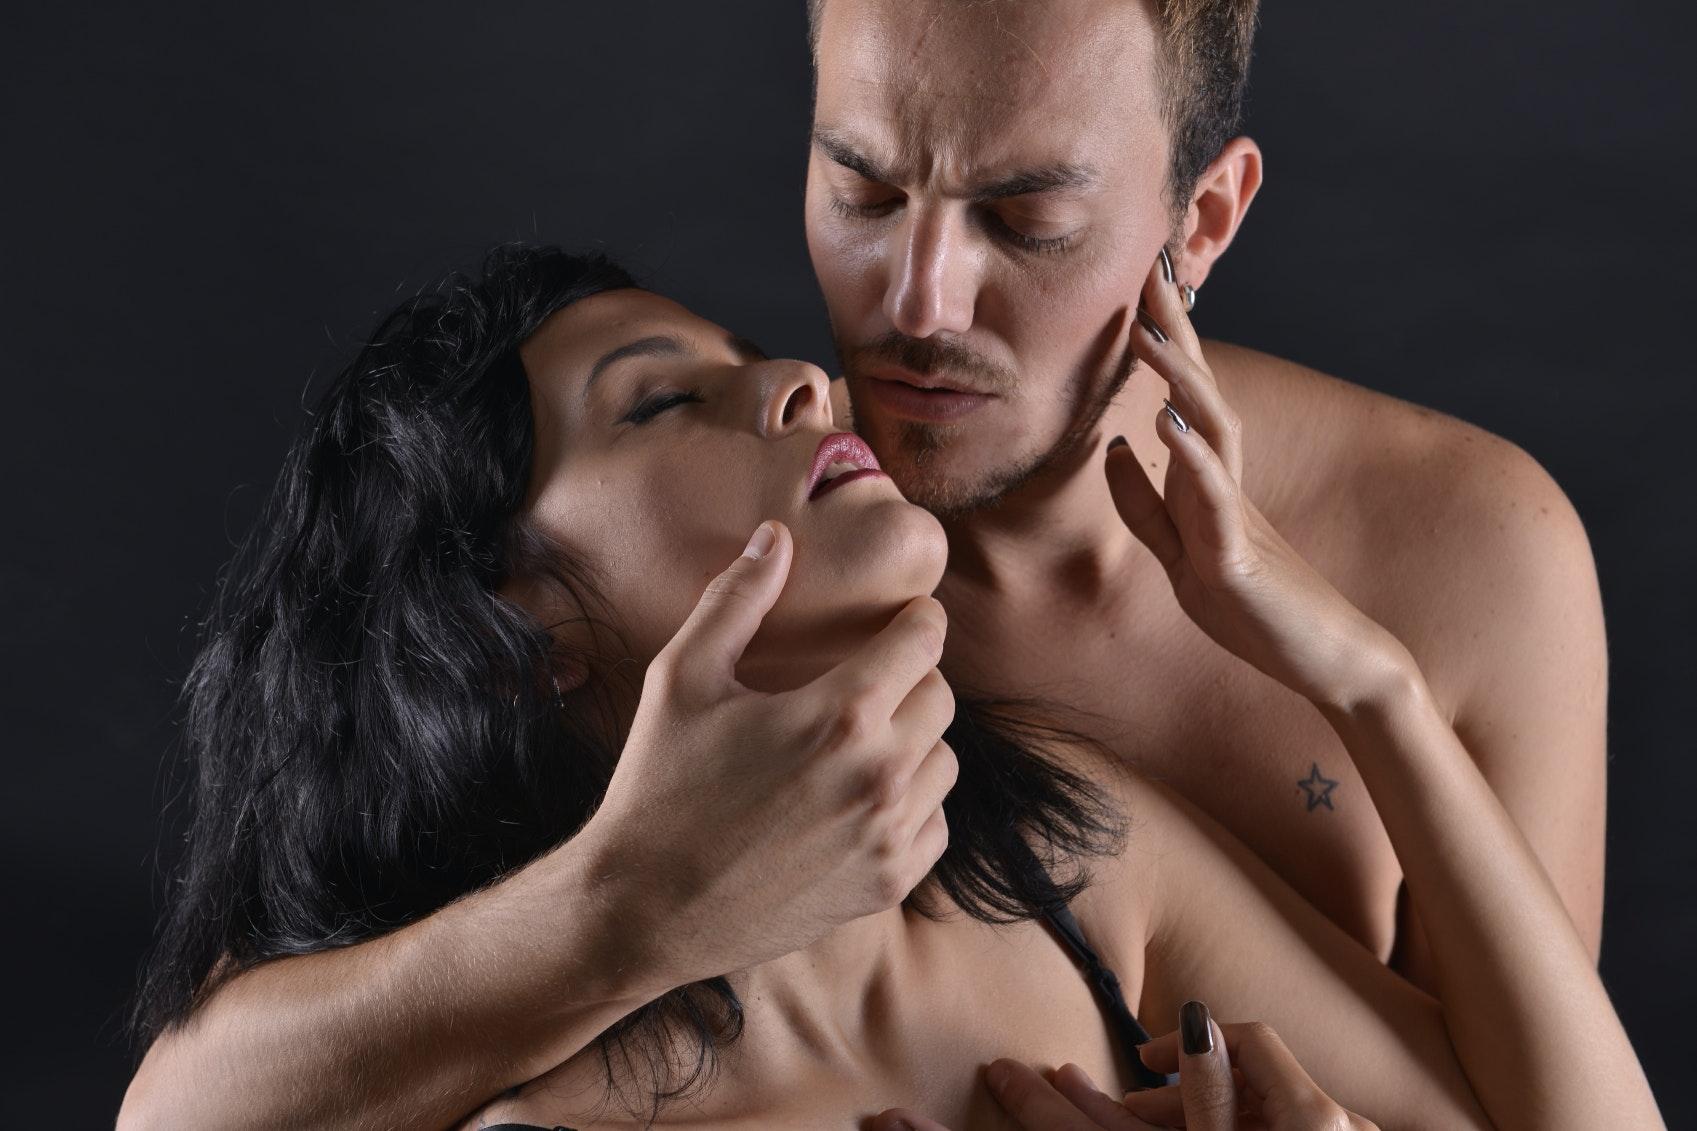 hvad er analsex swingerklub tucan